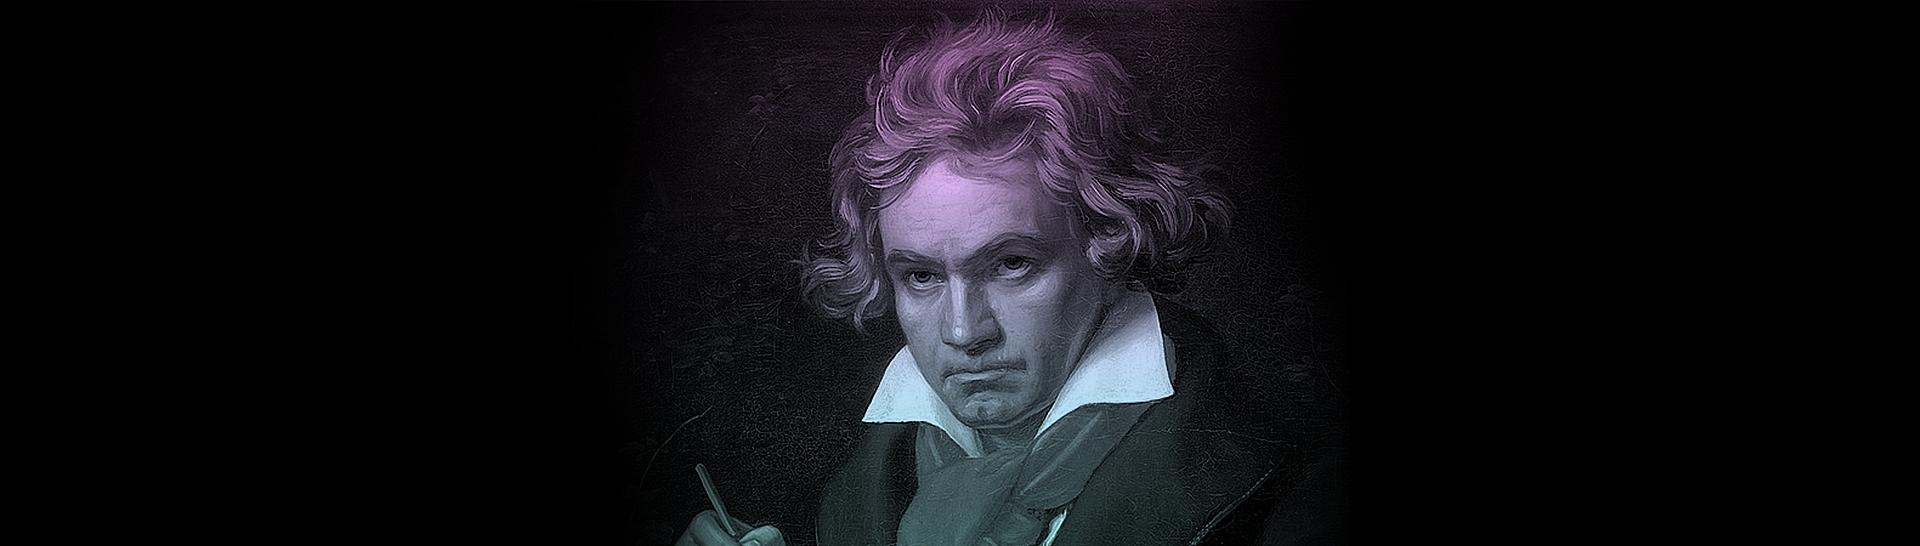 חגיגת בטהובן